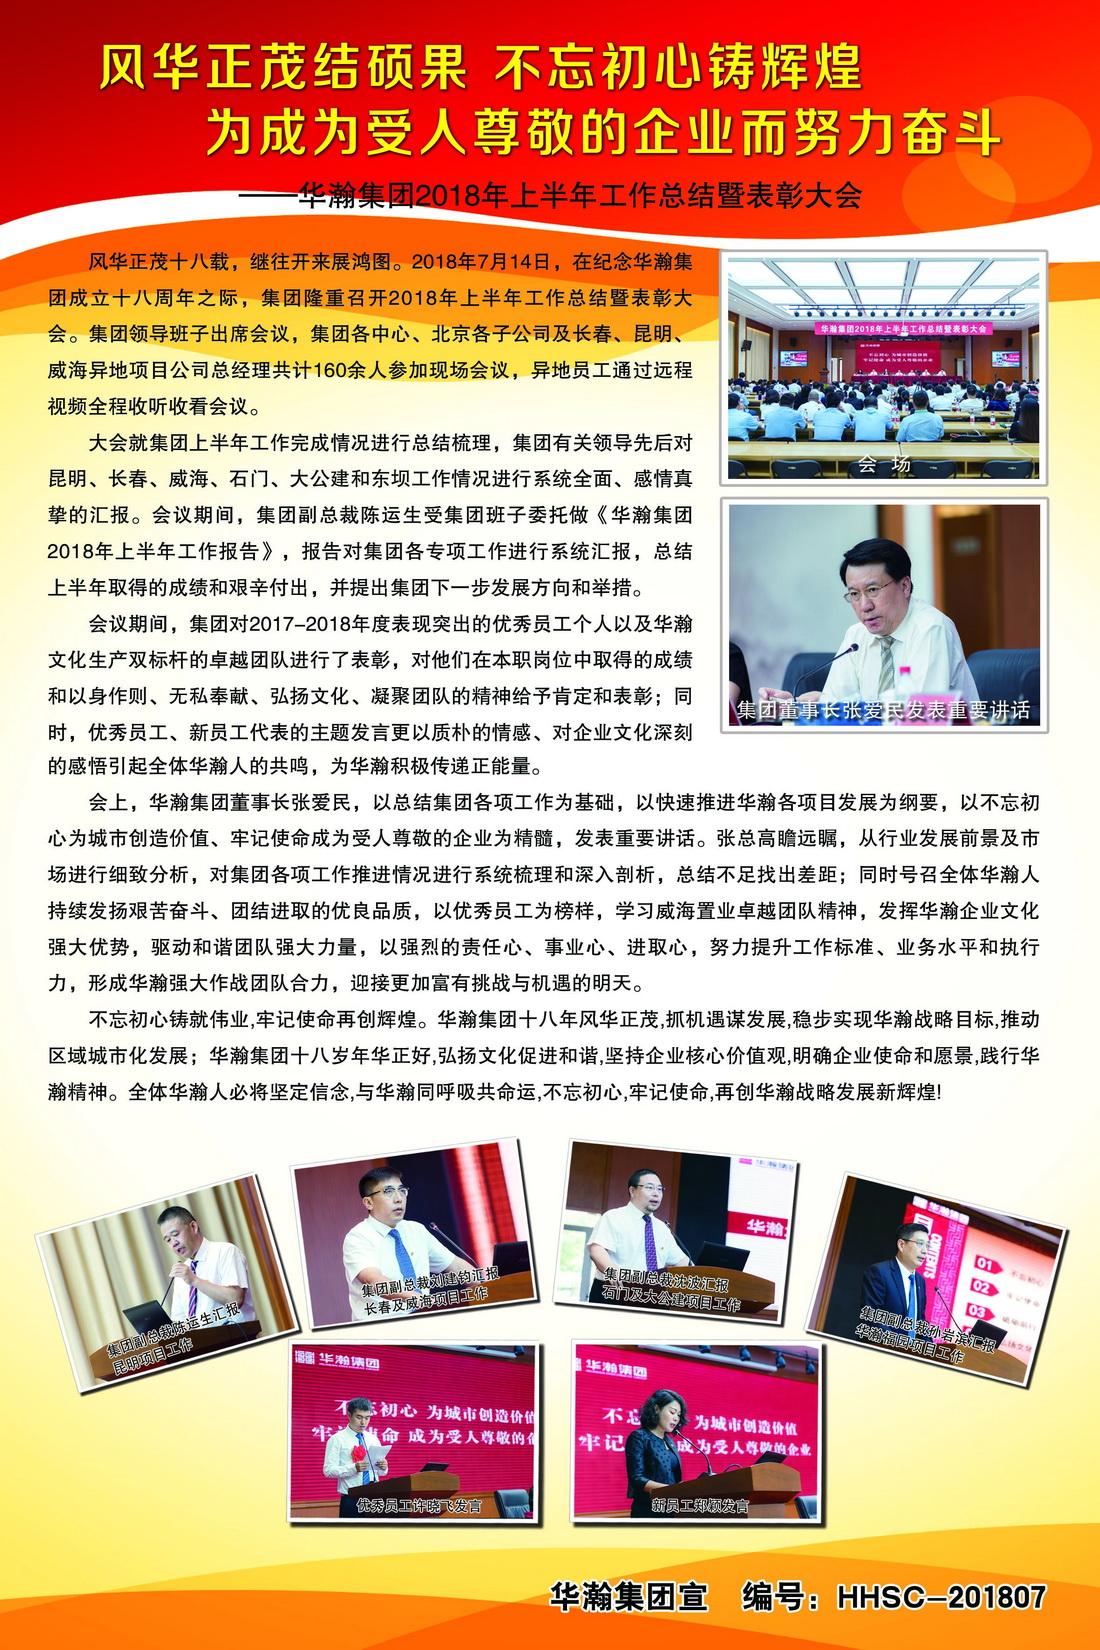 2018半年工作总结暨表彰大会宣传海报xiao.jpg